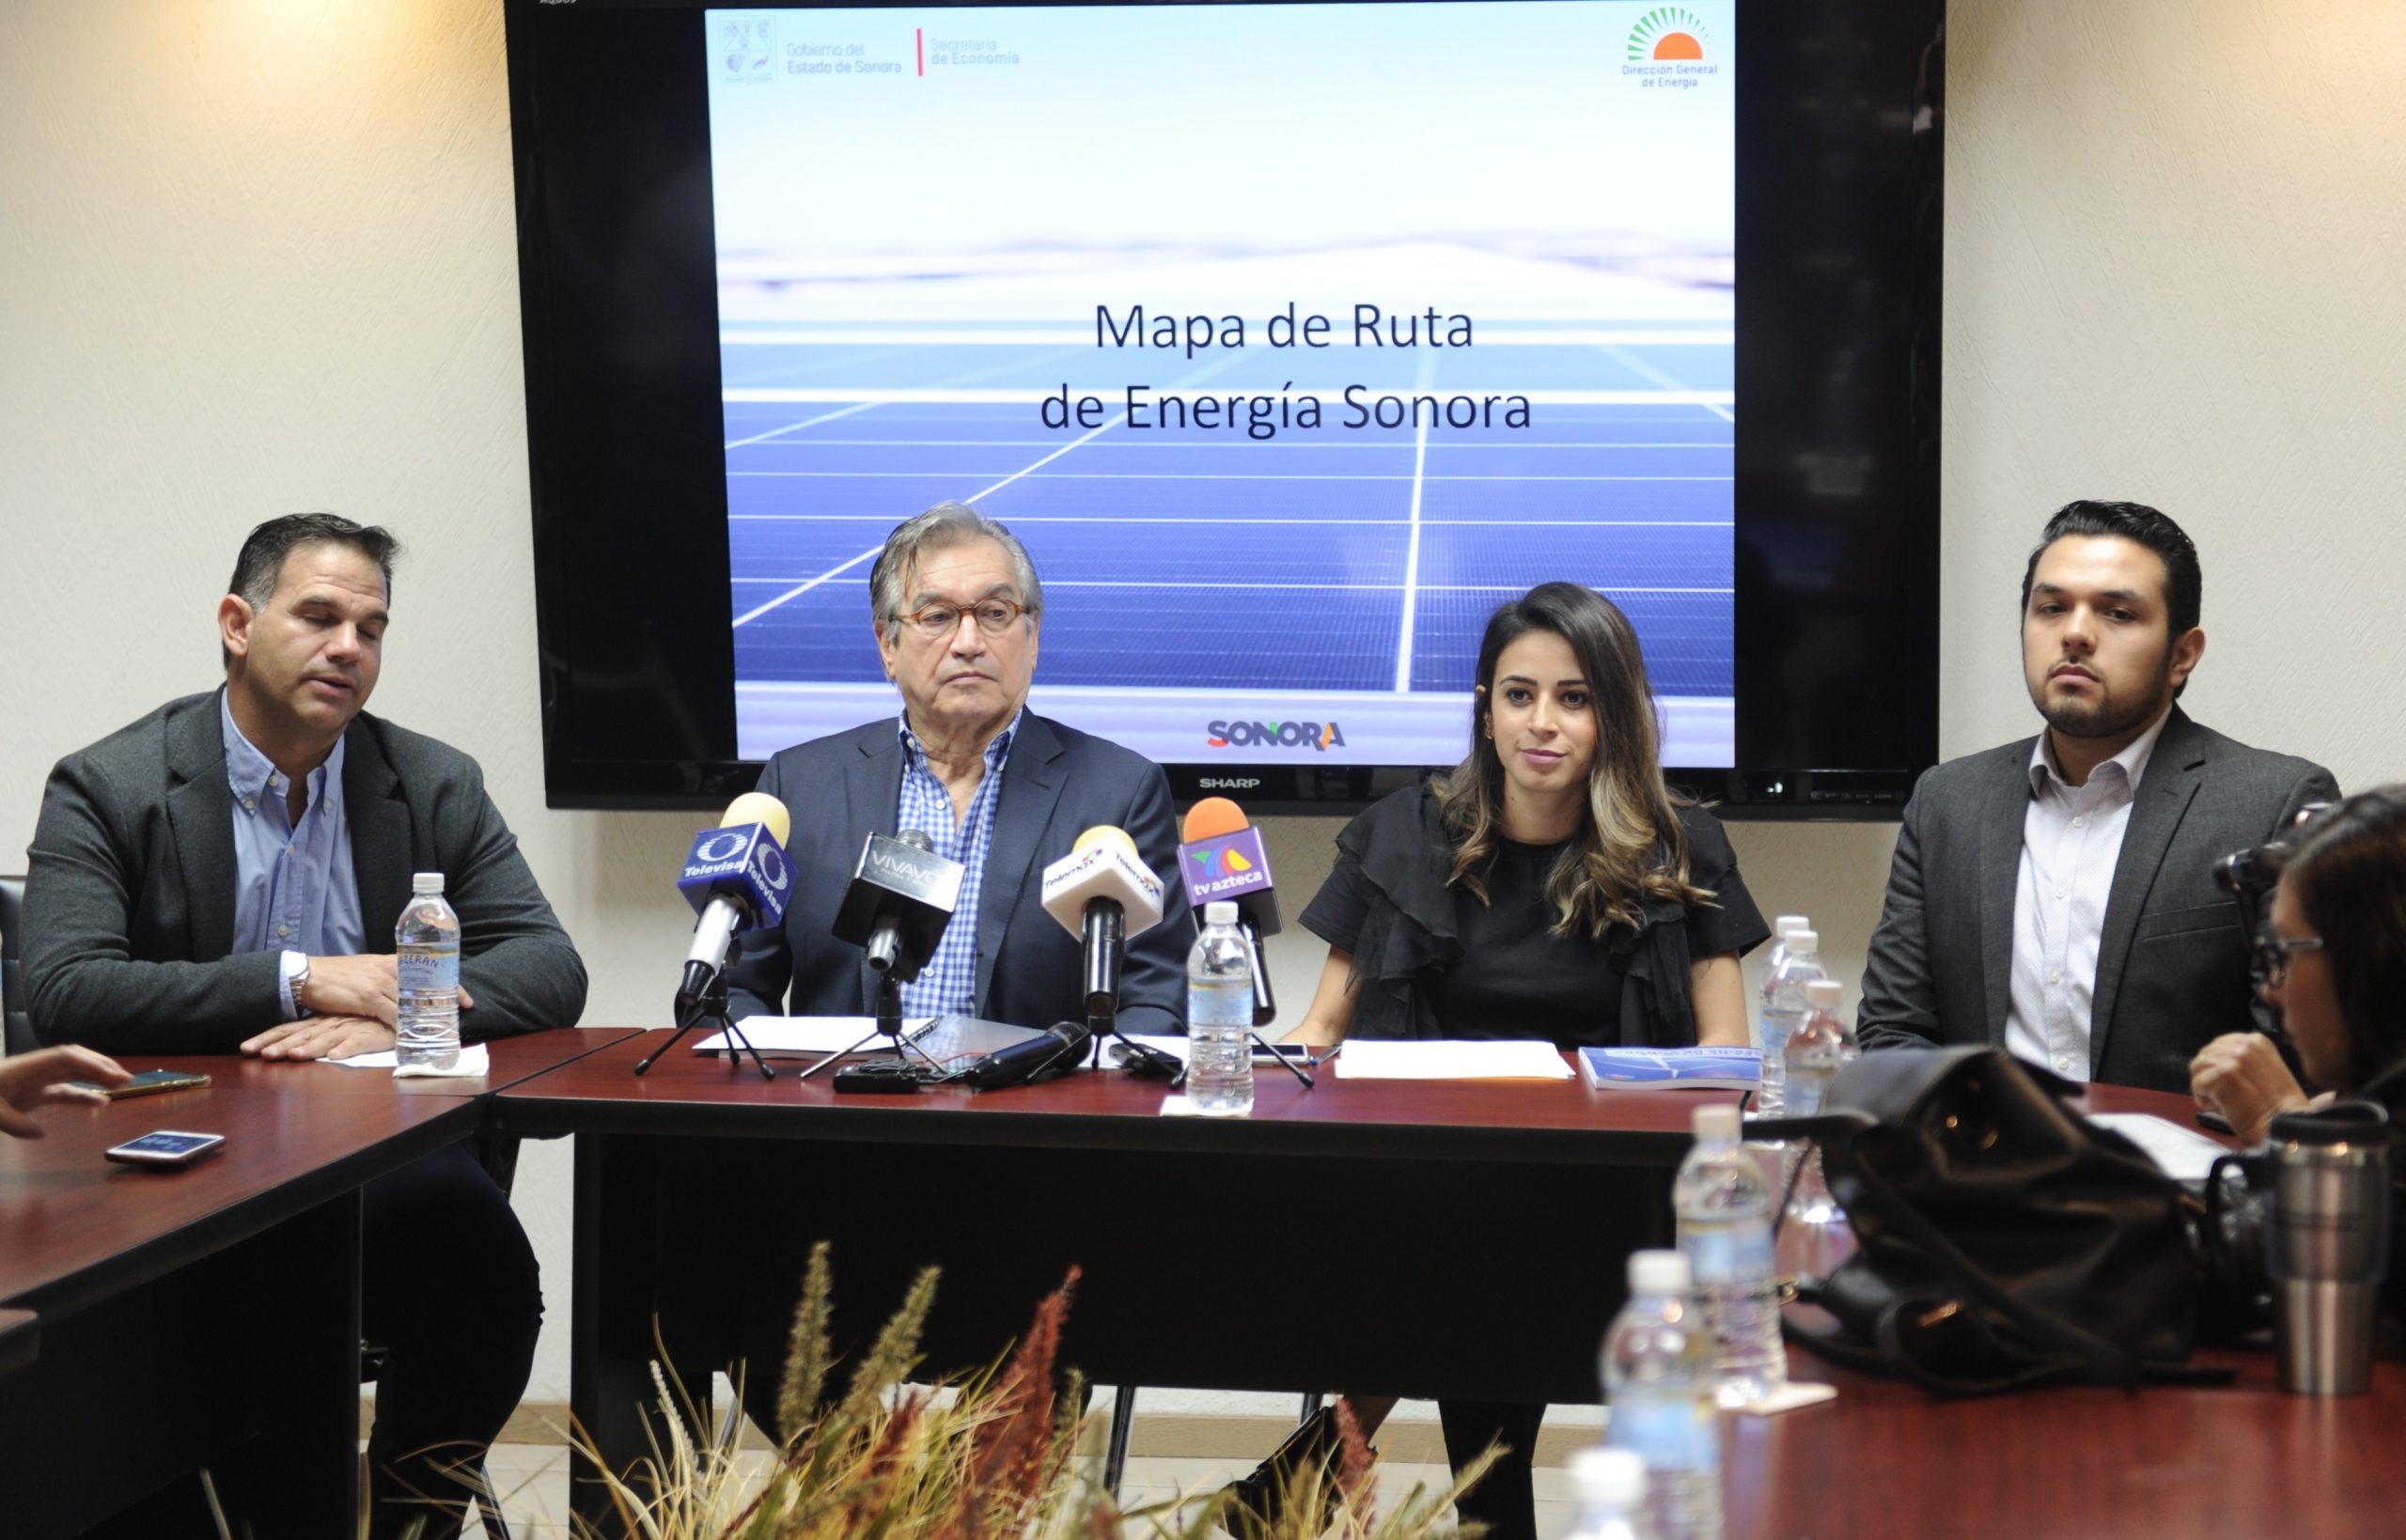 Sonora usa un mapa para animar a que las empresas inviertan parque solares y eólicos